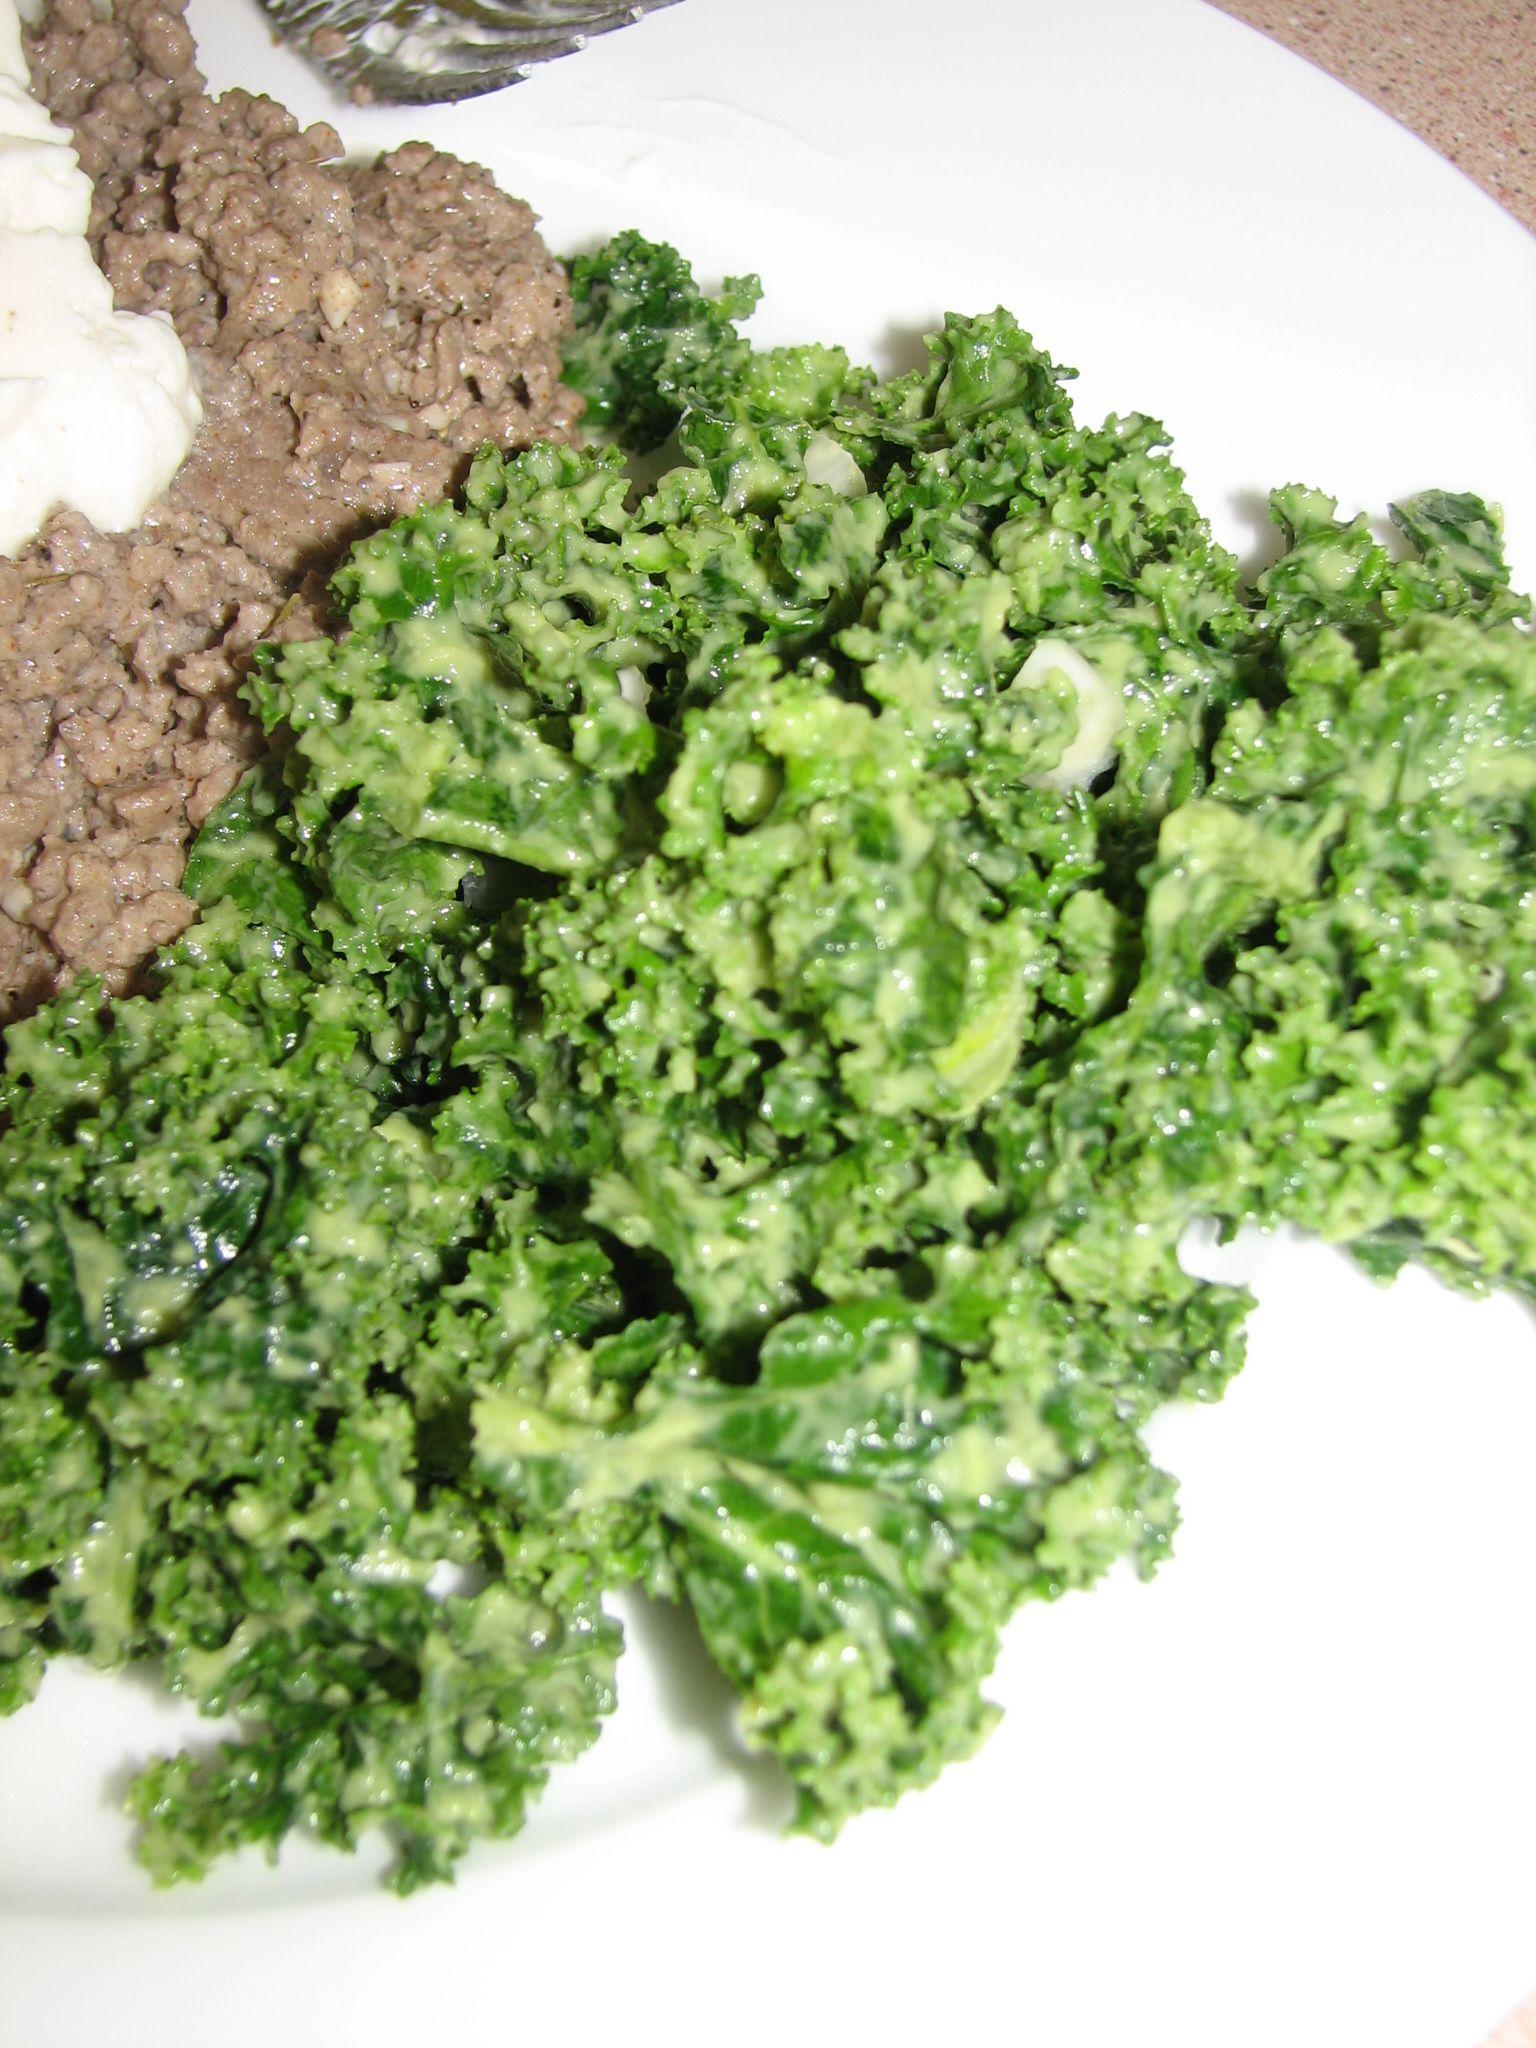 Massaged kale salad massaged kale salad massaged kale